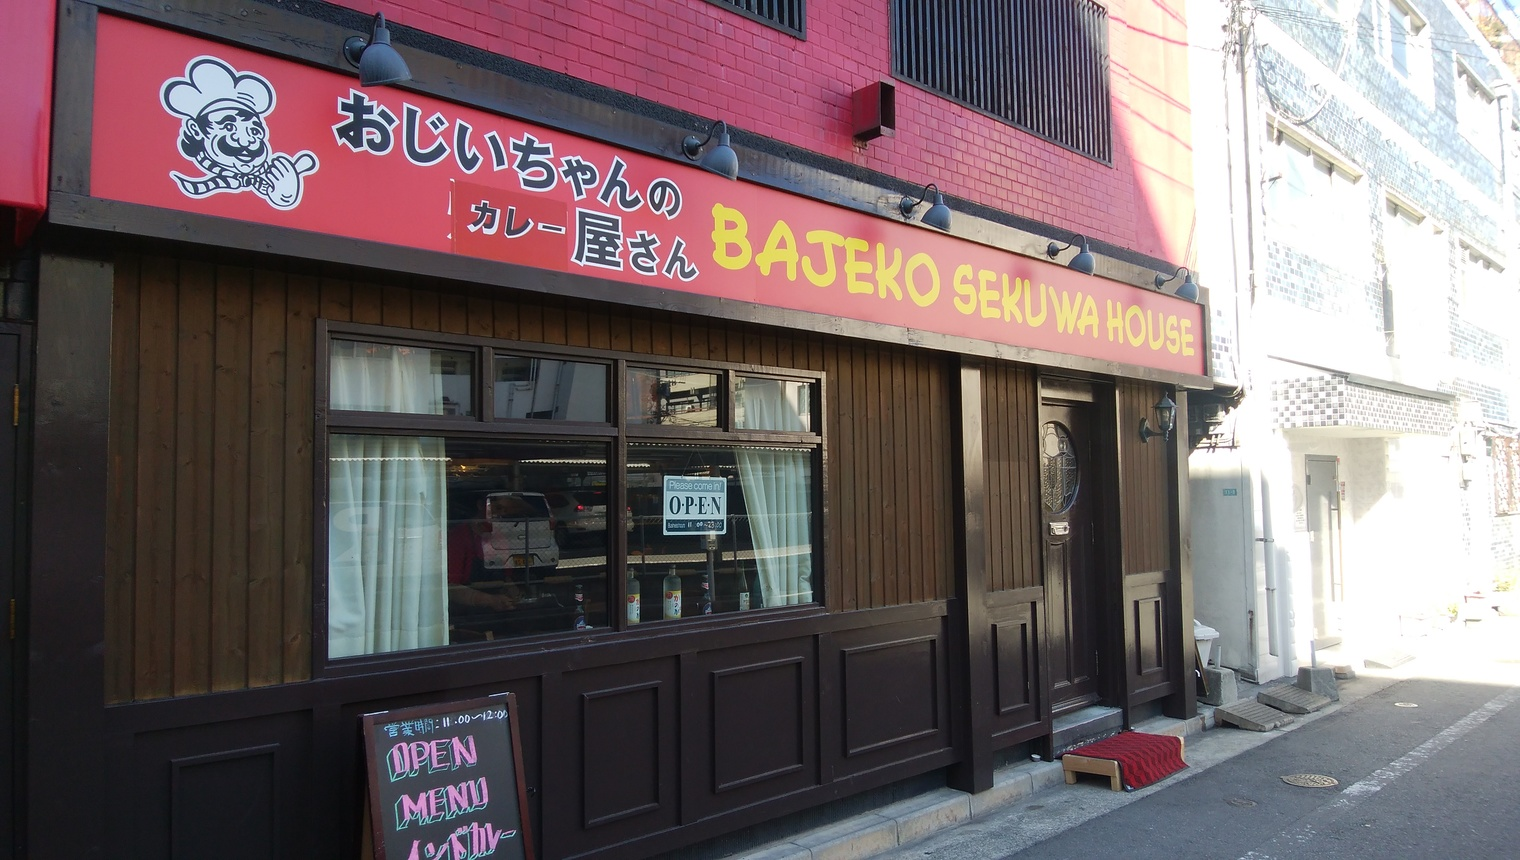 BAJEKO SEKUWA HOUSE おじいちゃんのカレー屋さん